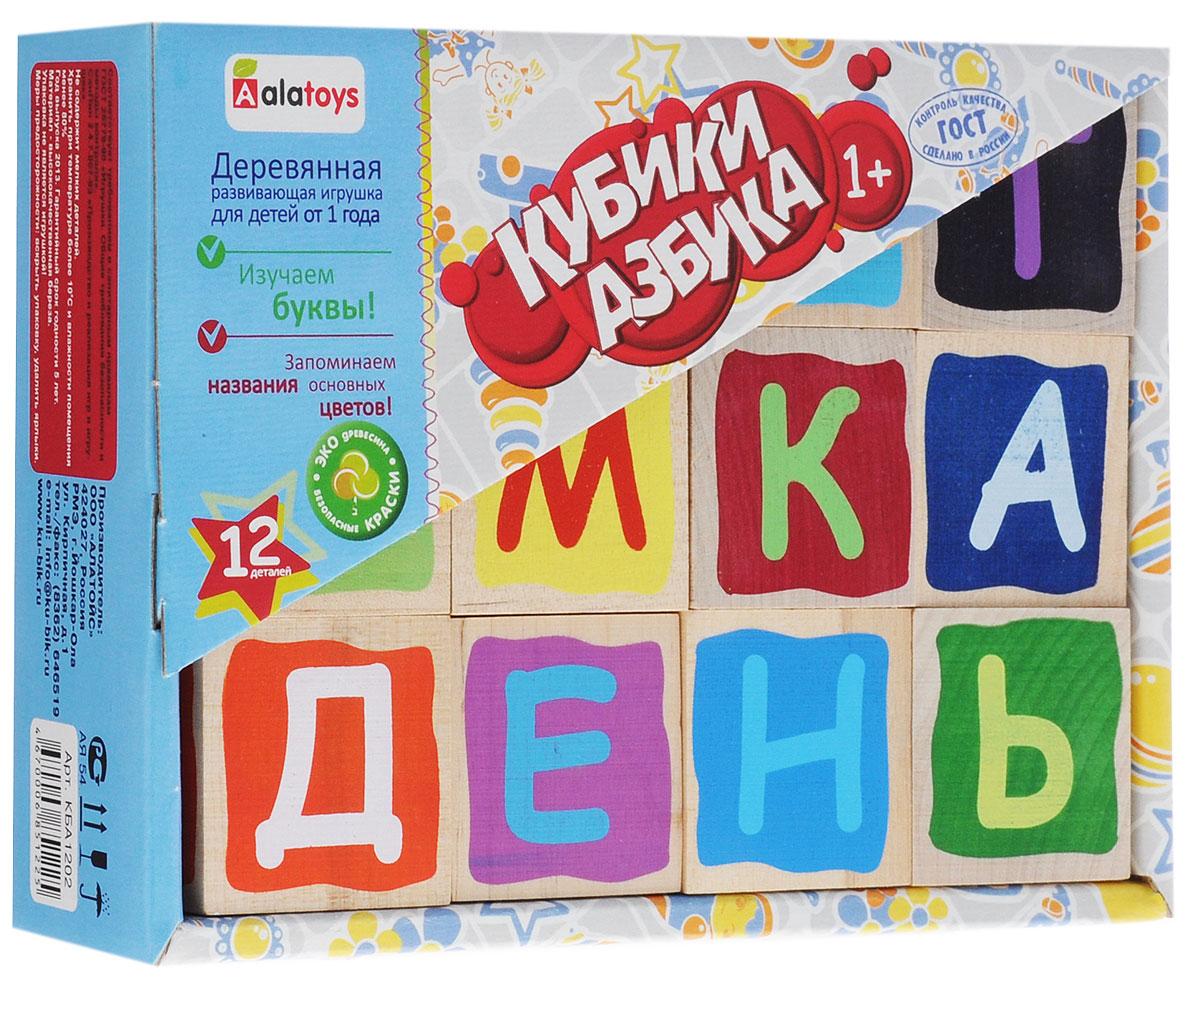 Alatoys Кубики Азбука окрашенные 12 шт КБА1202 деревянные игрушки alatoys